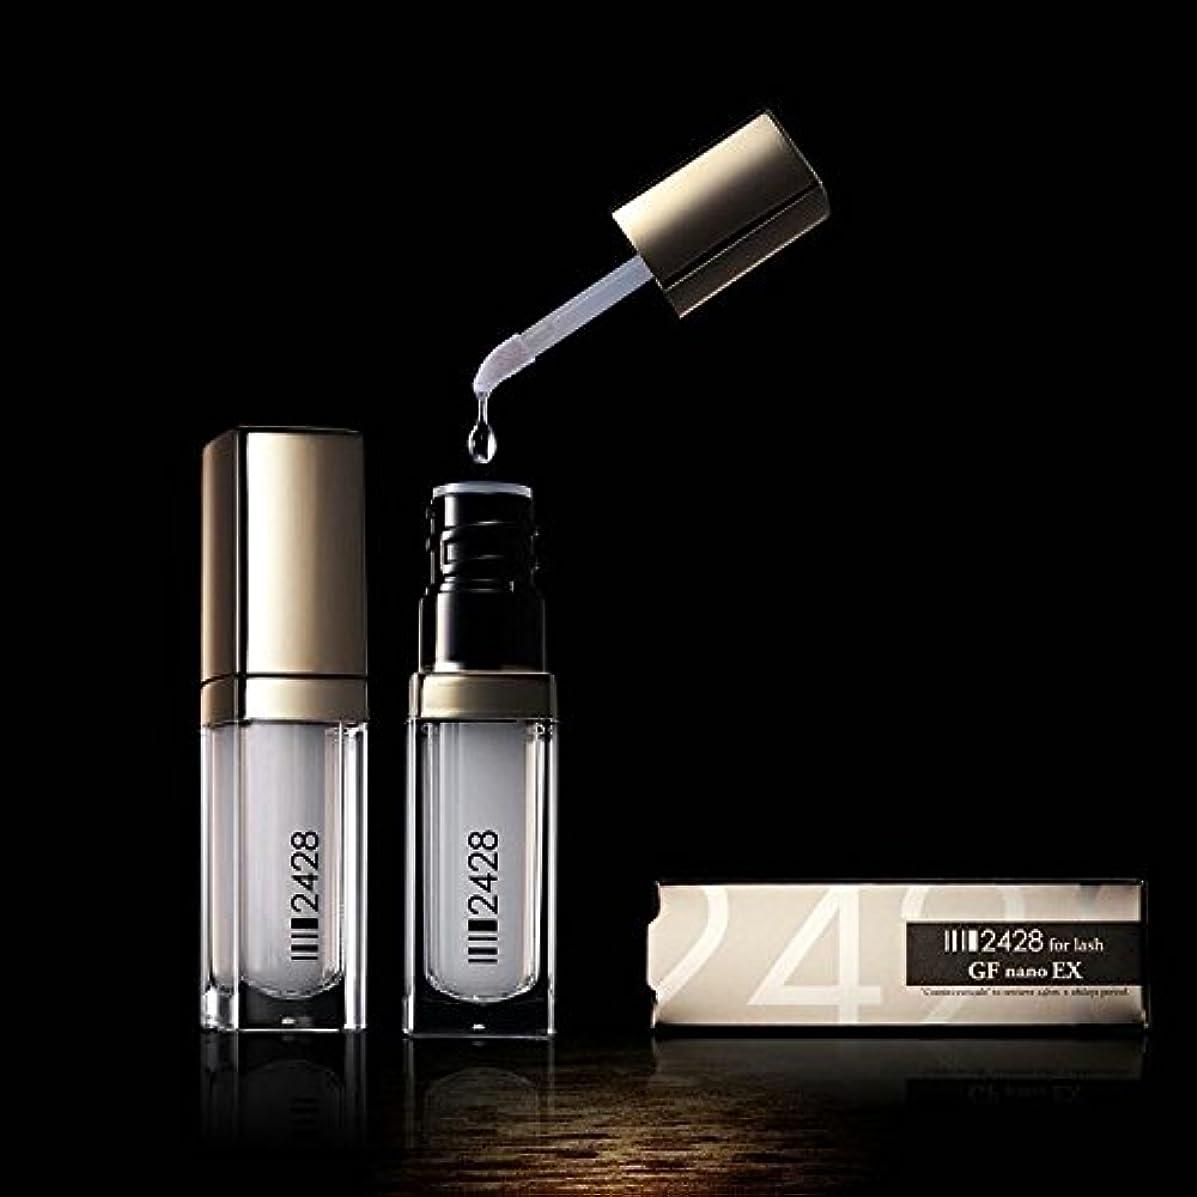 シンプトン傑出した再編成する美容液2428 for lash GF nano EX まつげ美容液